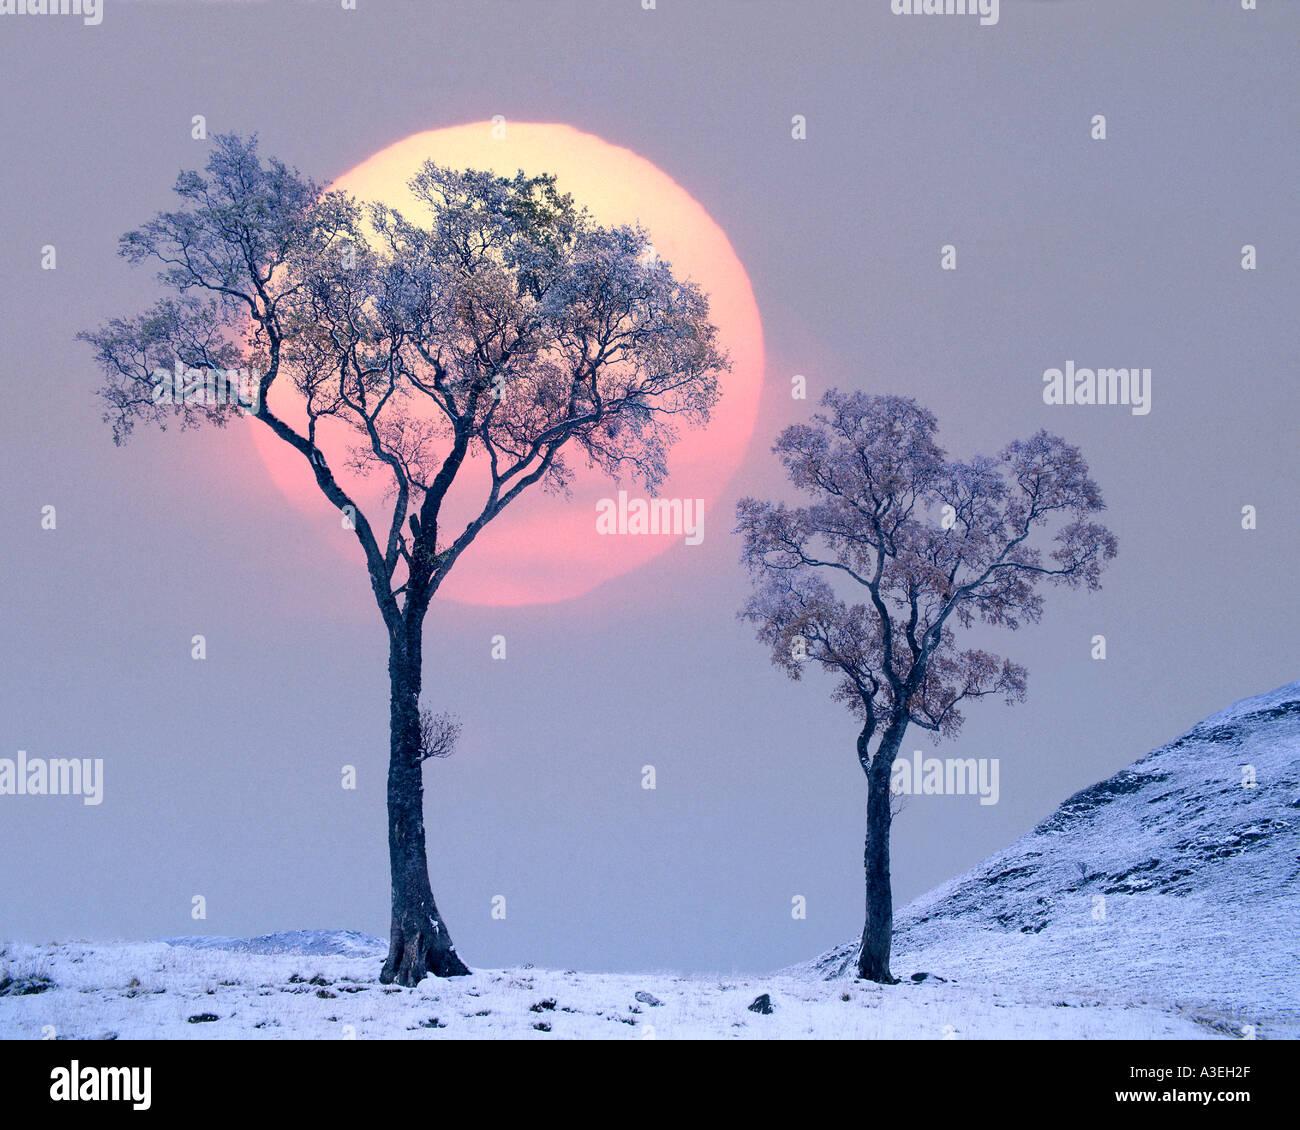 GB - Scozia: Inverno in Glen Lochsie Immagini Stock